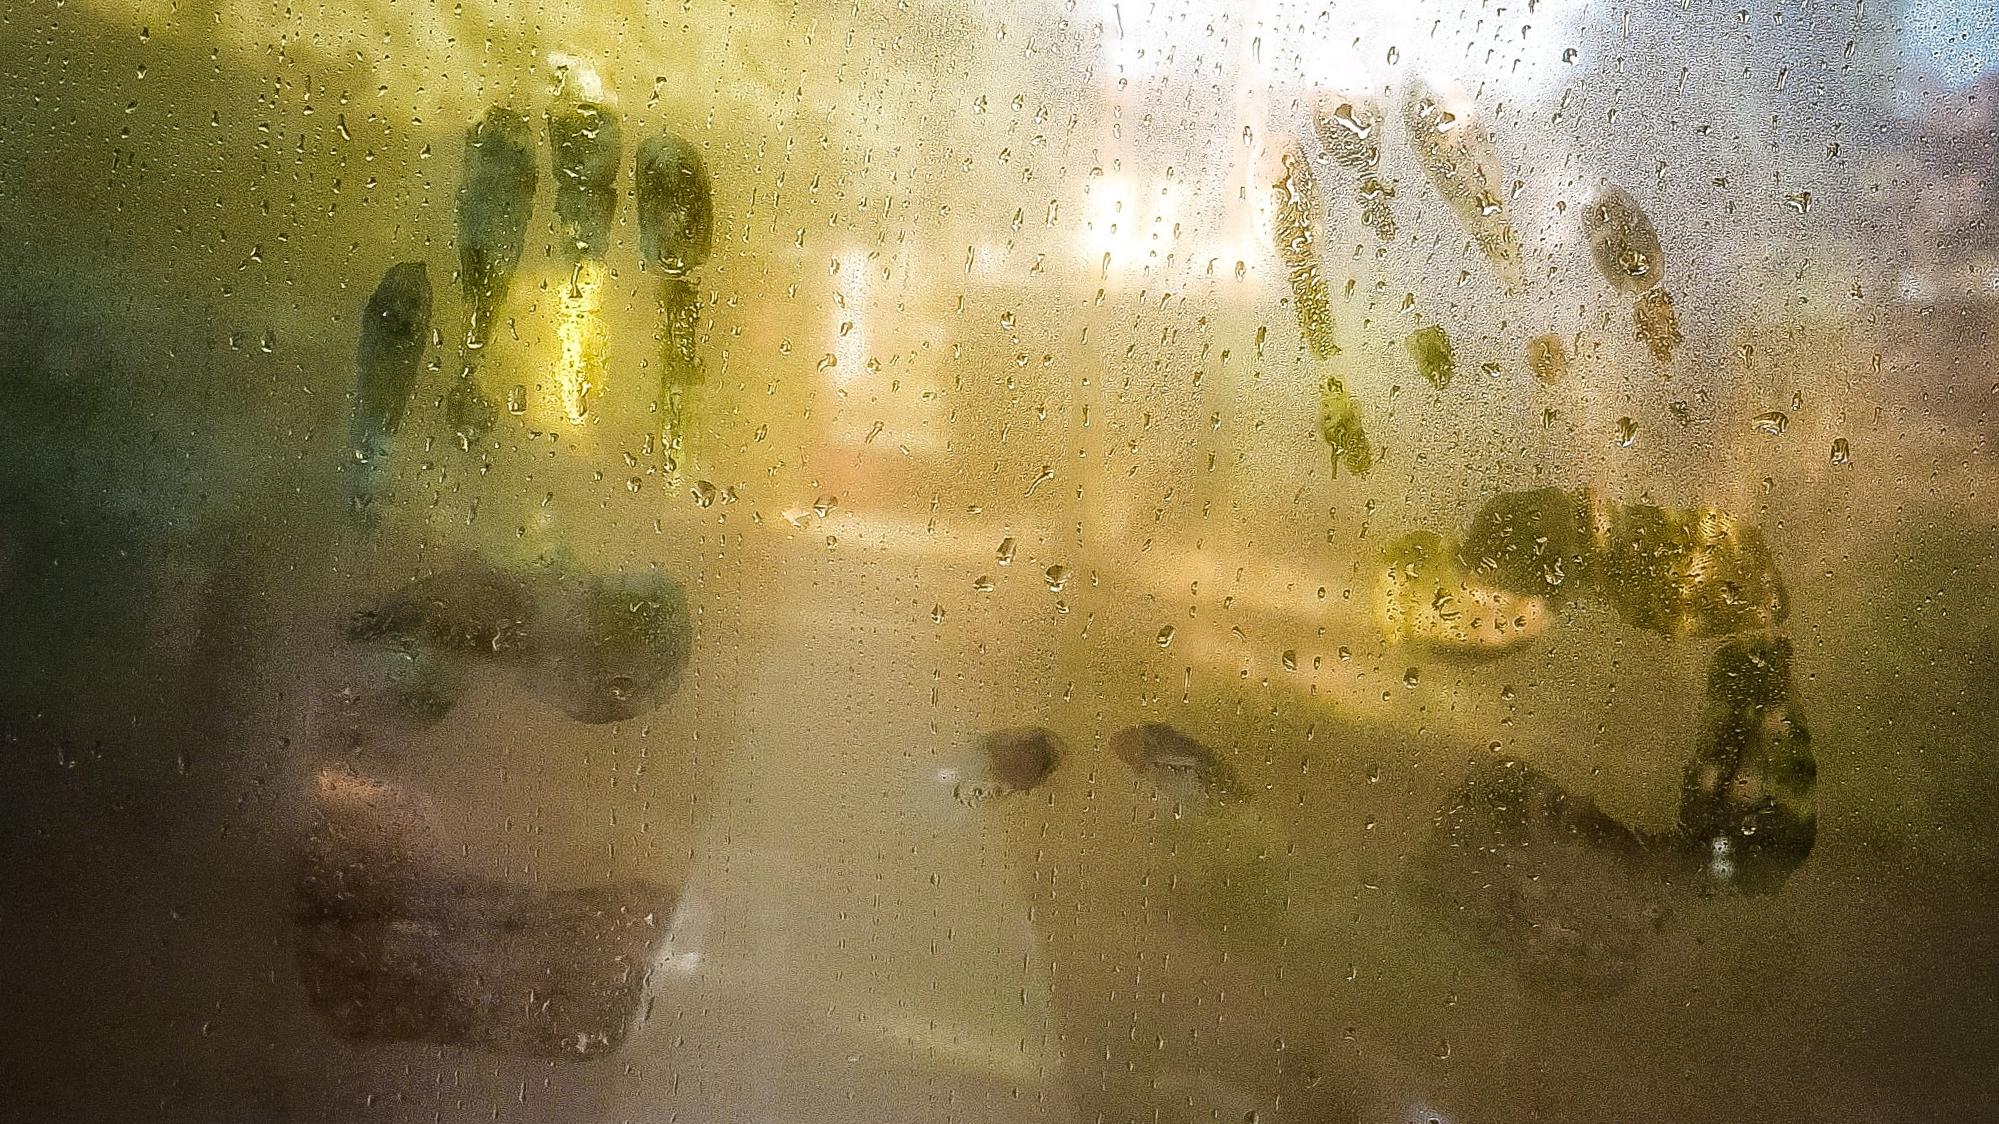 Párás ablaküvegen két tenyér lenyomata